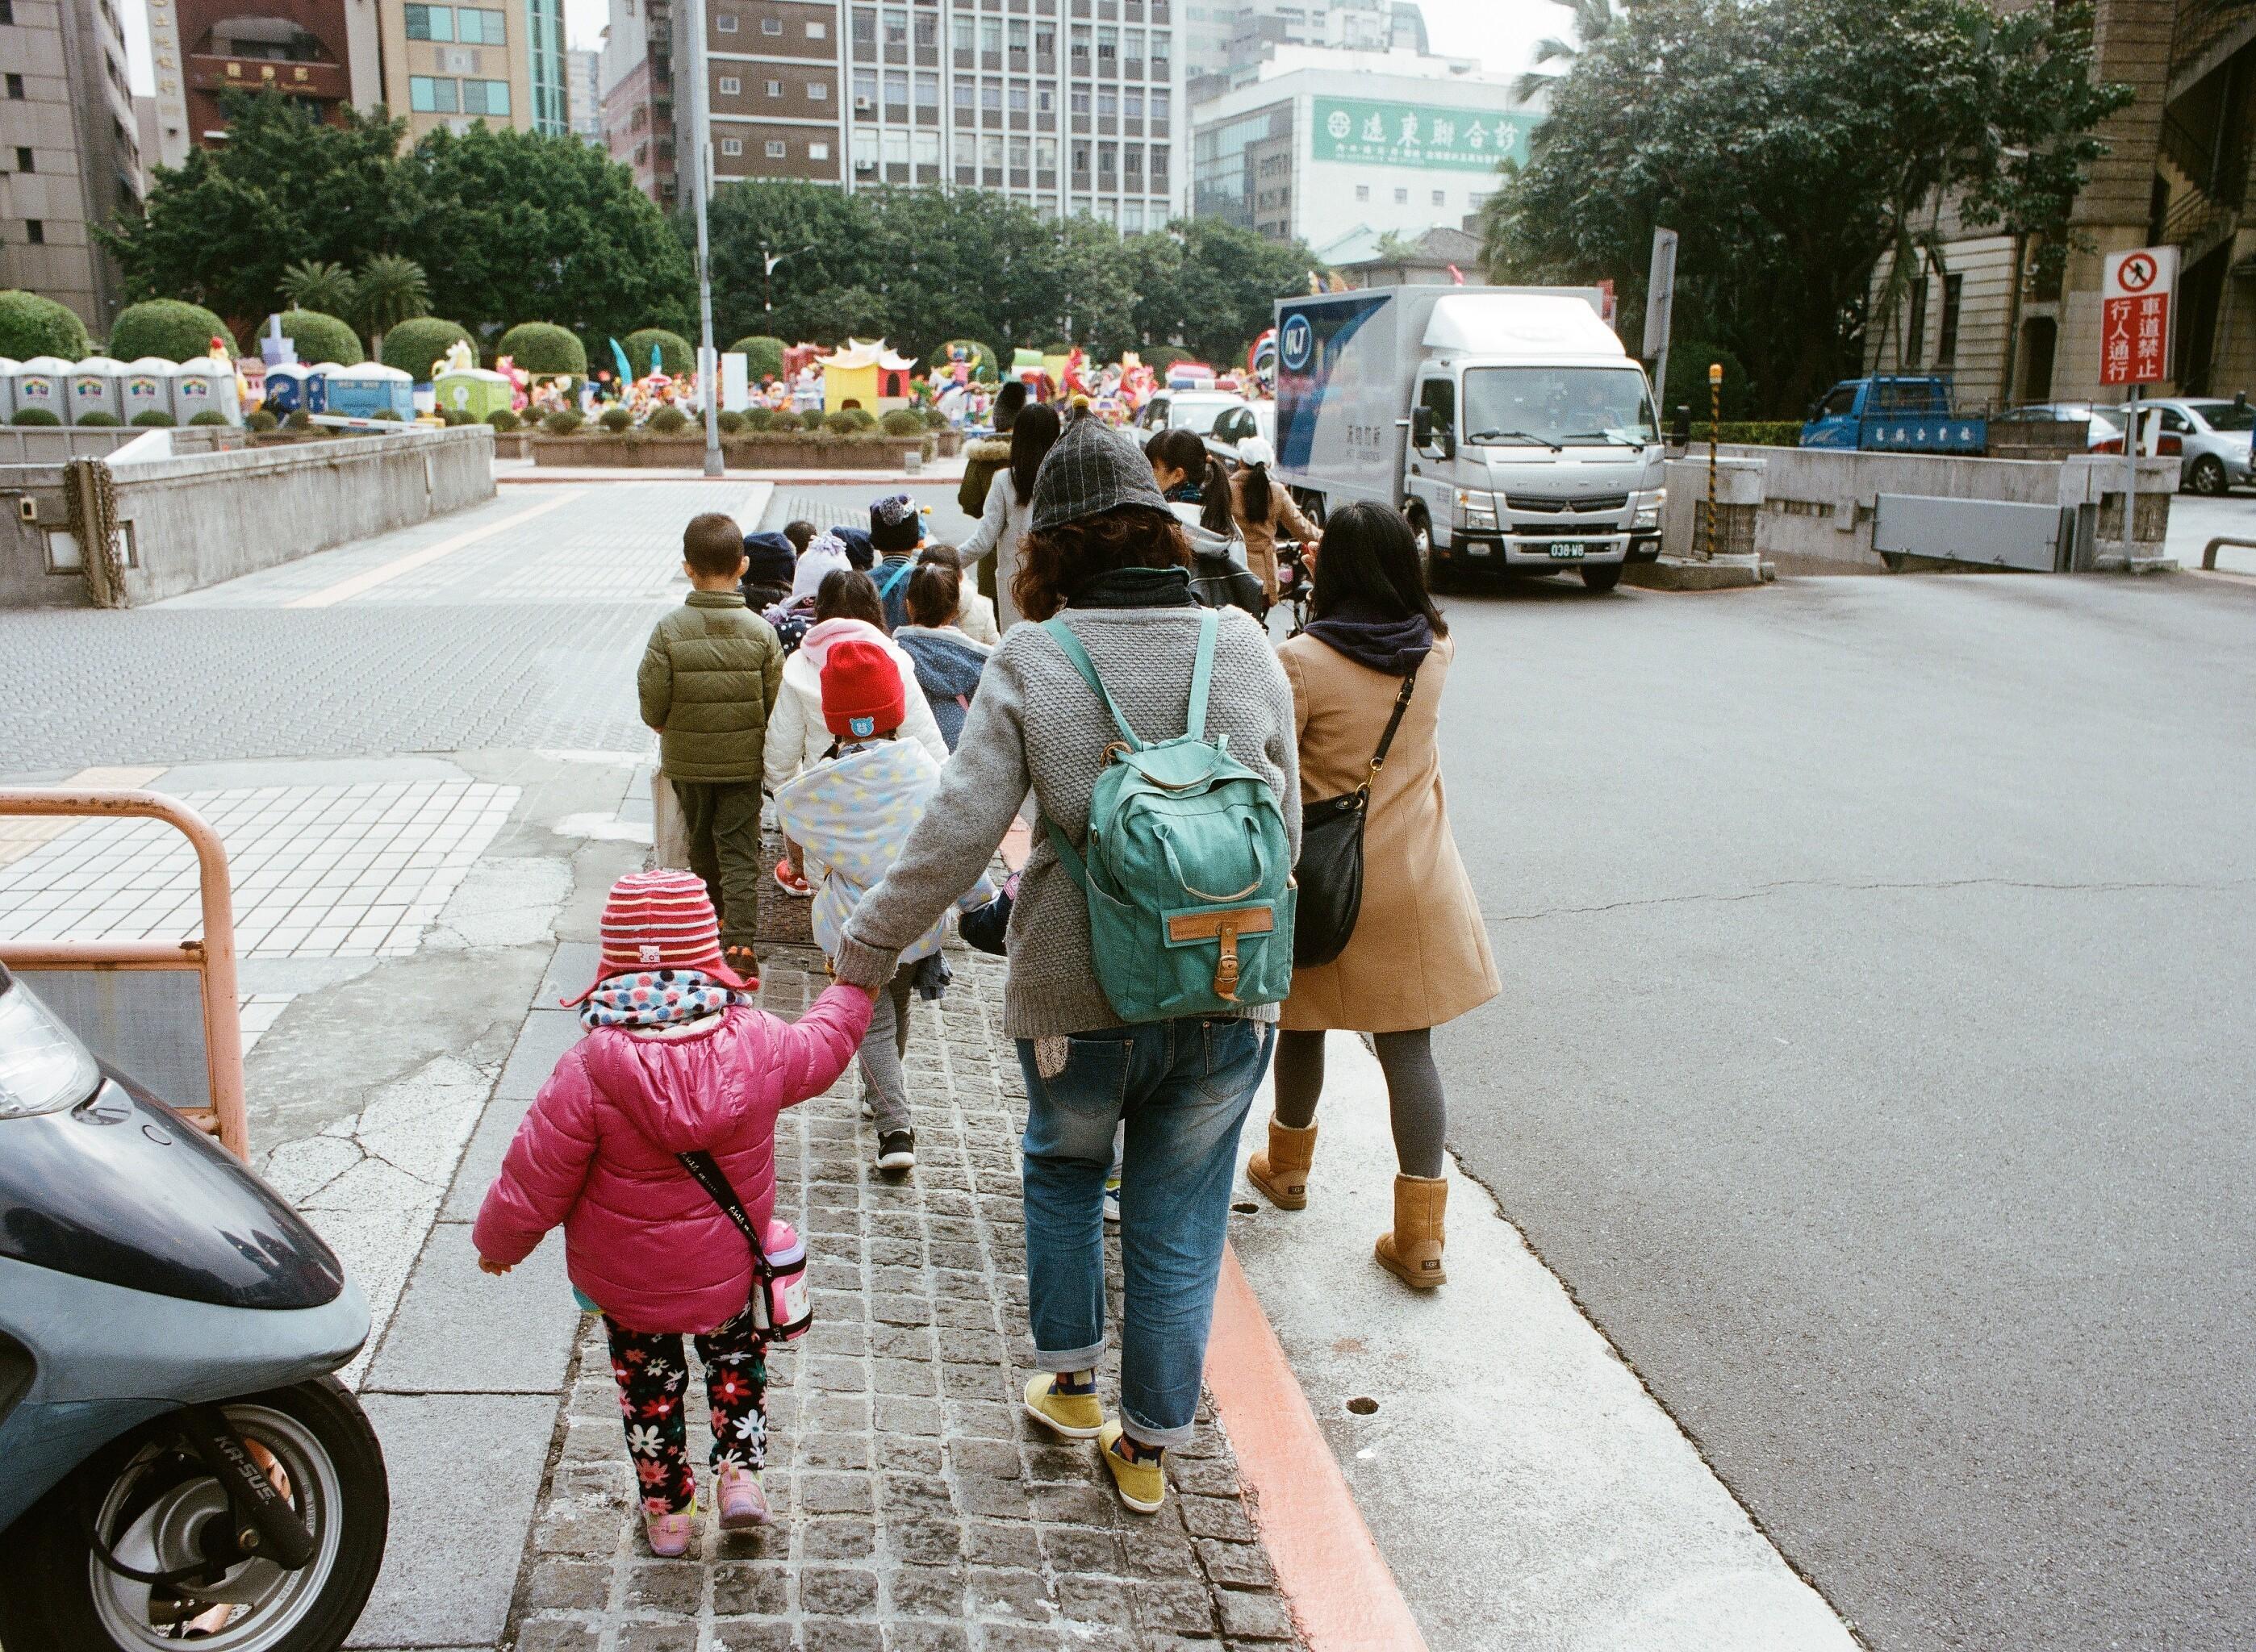 ▲▼小朋友,小孩,兒童,家長,親子,假日,育兒,散步,出遊。(示意圖/記者李毓康攝)